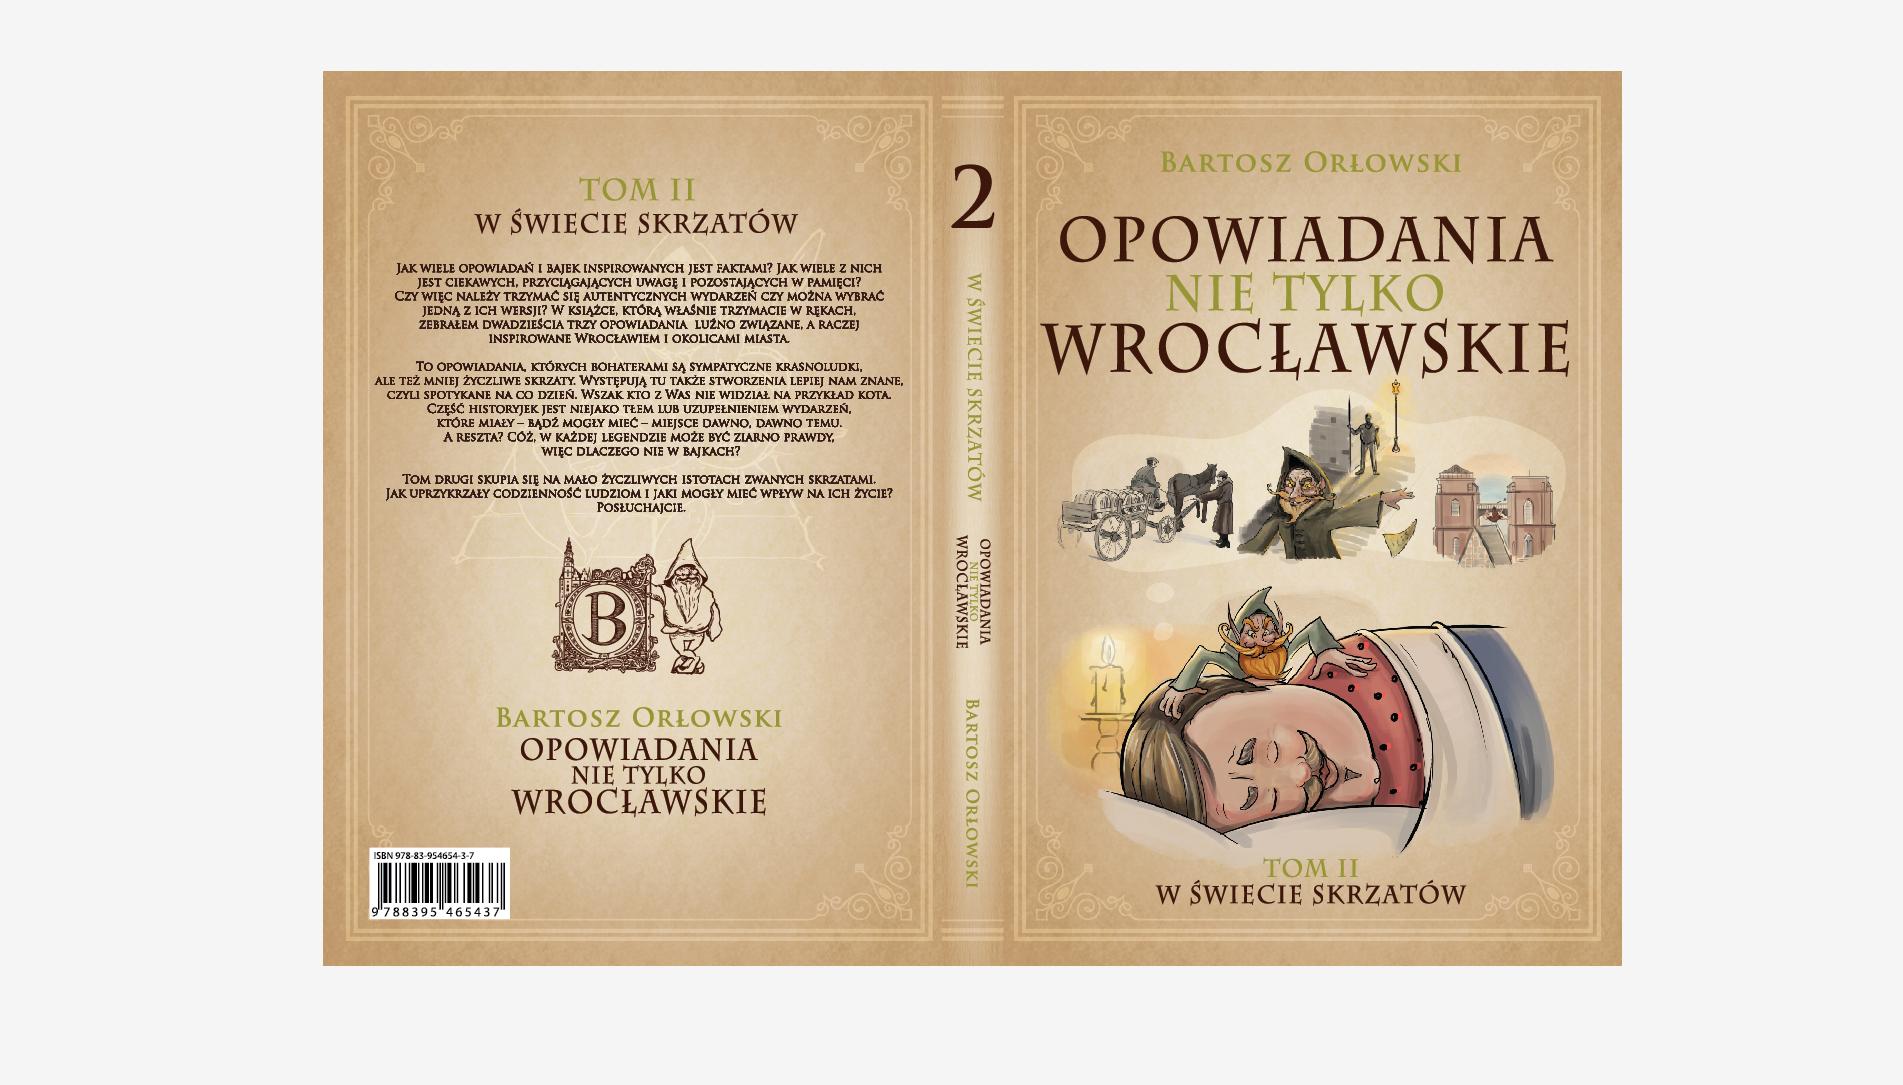 Opowiadania nie tylko wrocławskie Tom II: W świecie skrzatów